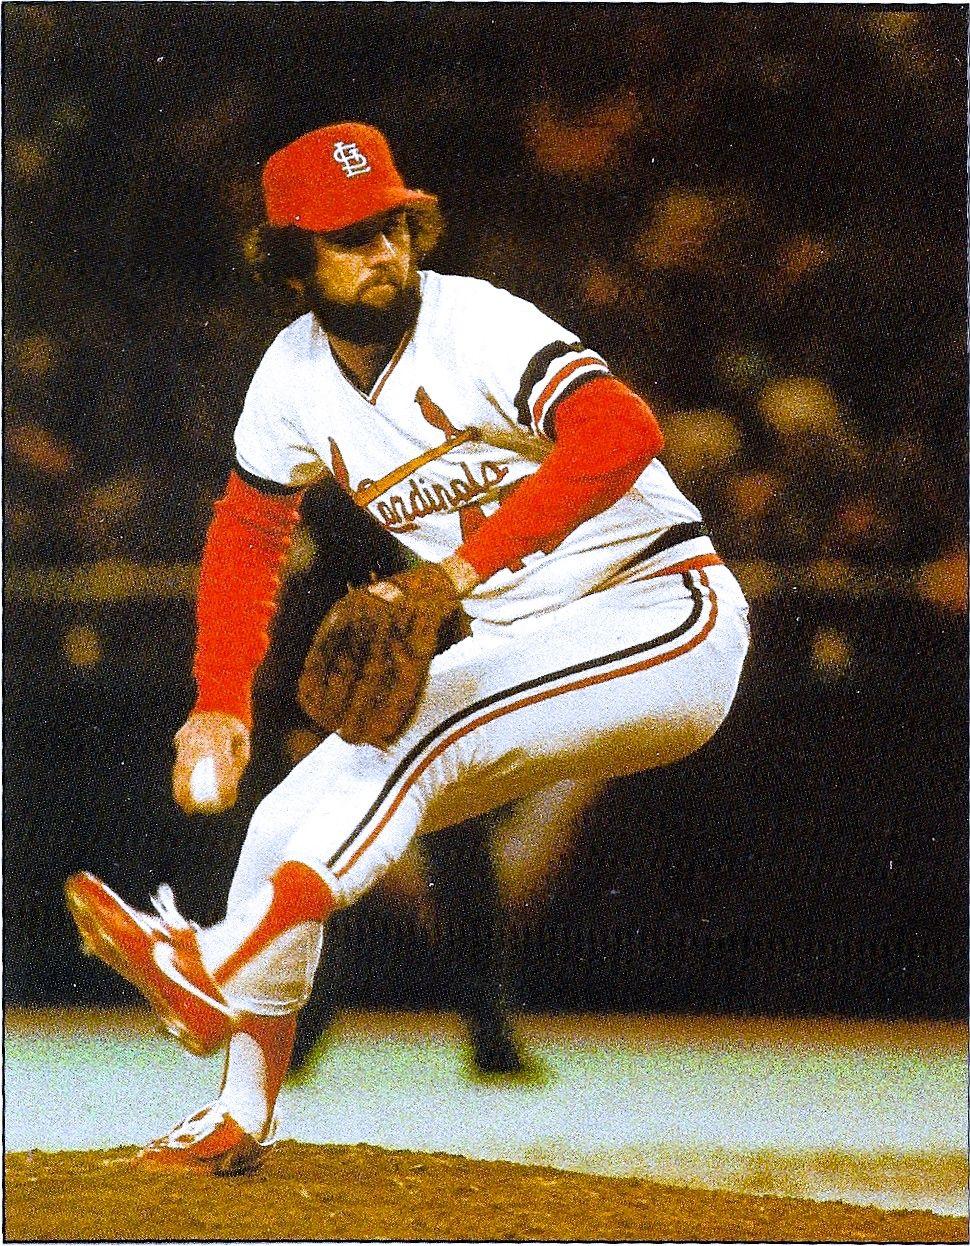 Bruce Sutter Game 2 1982 World Series Baseball Star St Louis Cardinals Stl